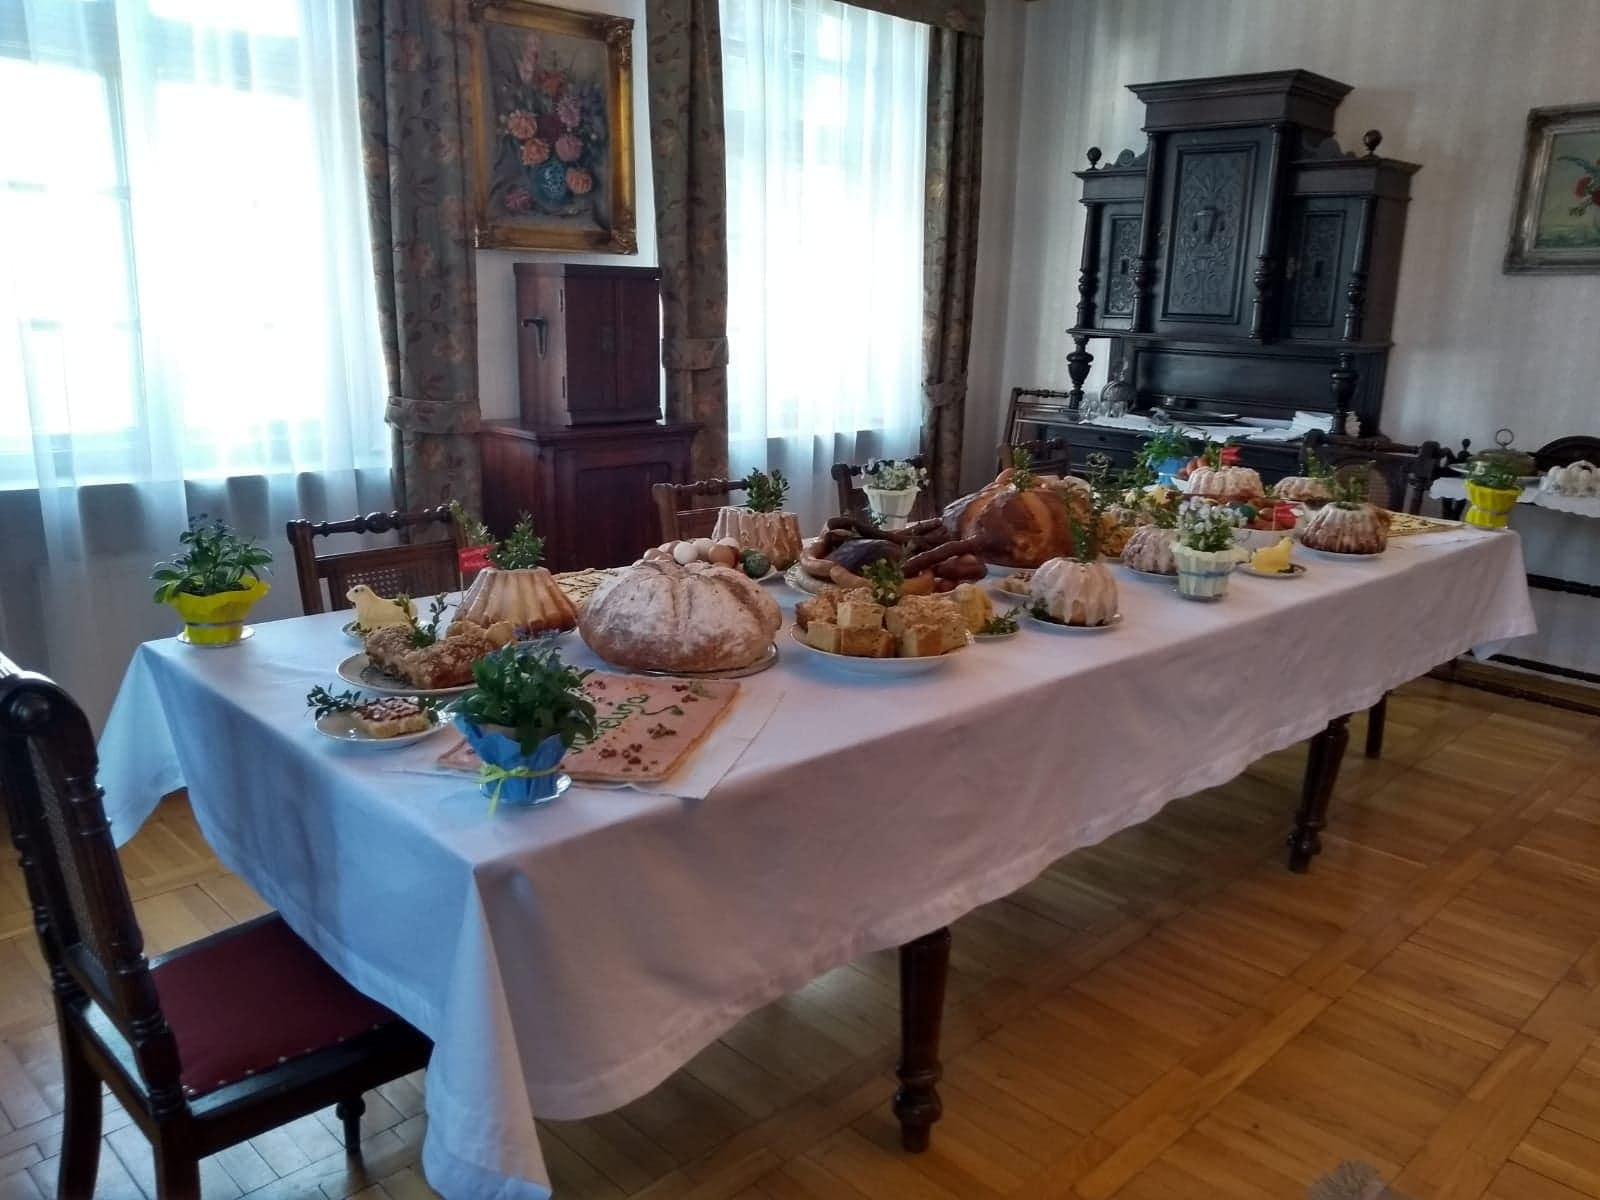 wielkanocny stół dawny skansen dziekanowice  - Muzeum Pierwszych Piastów na Lednicy